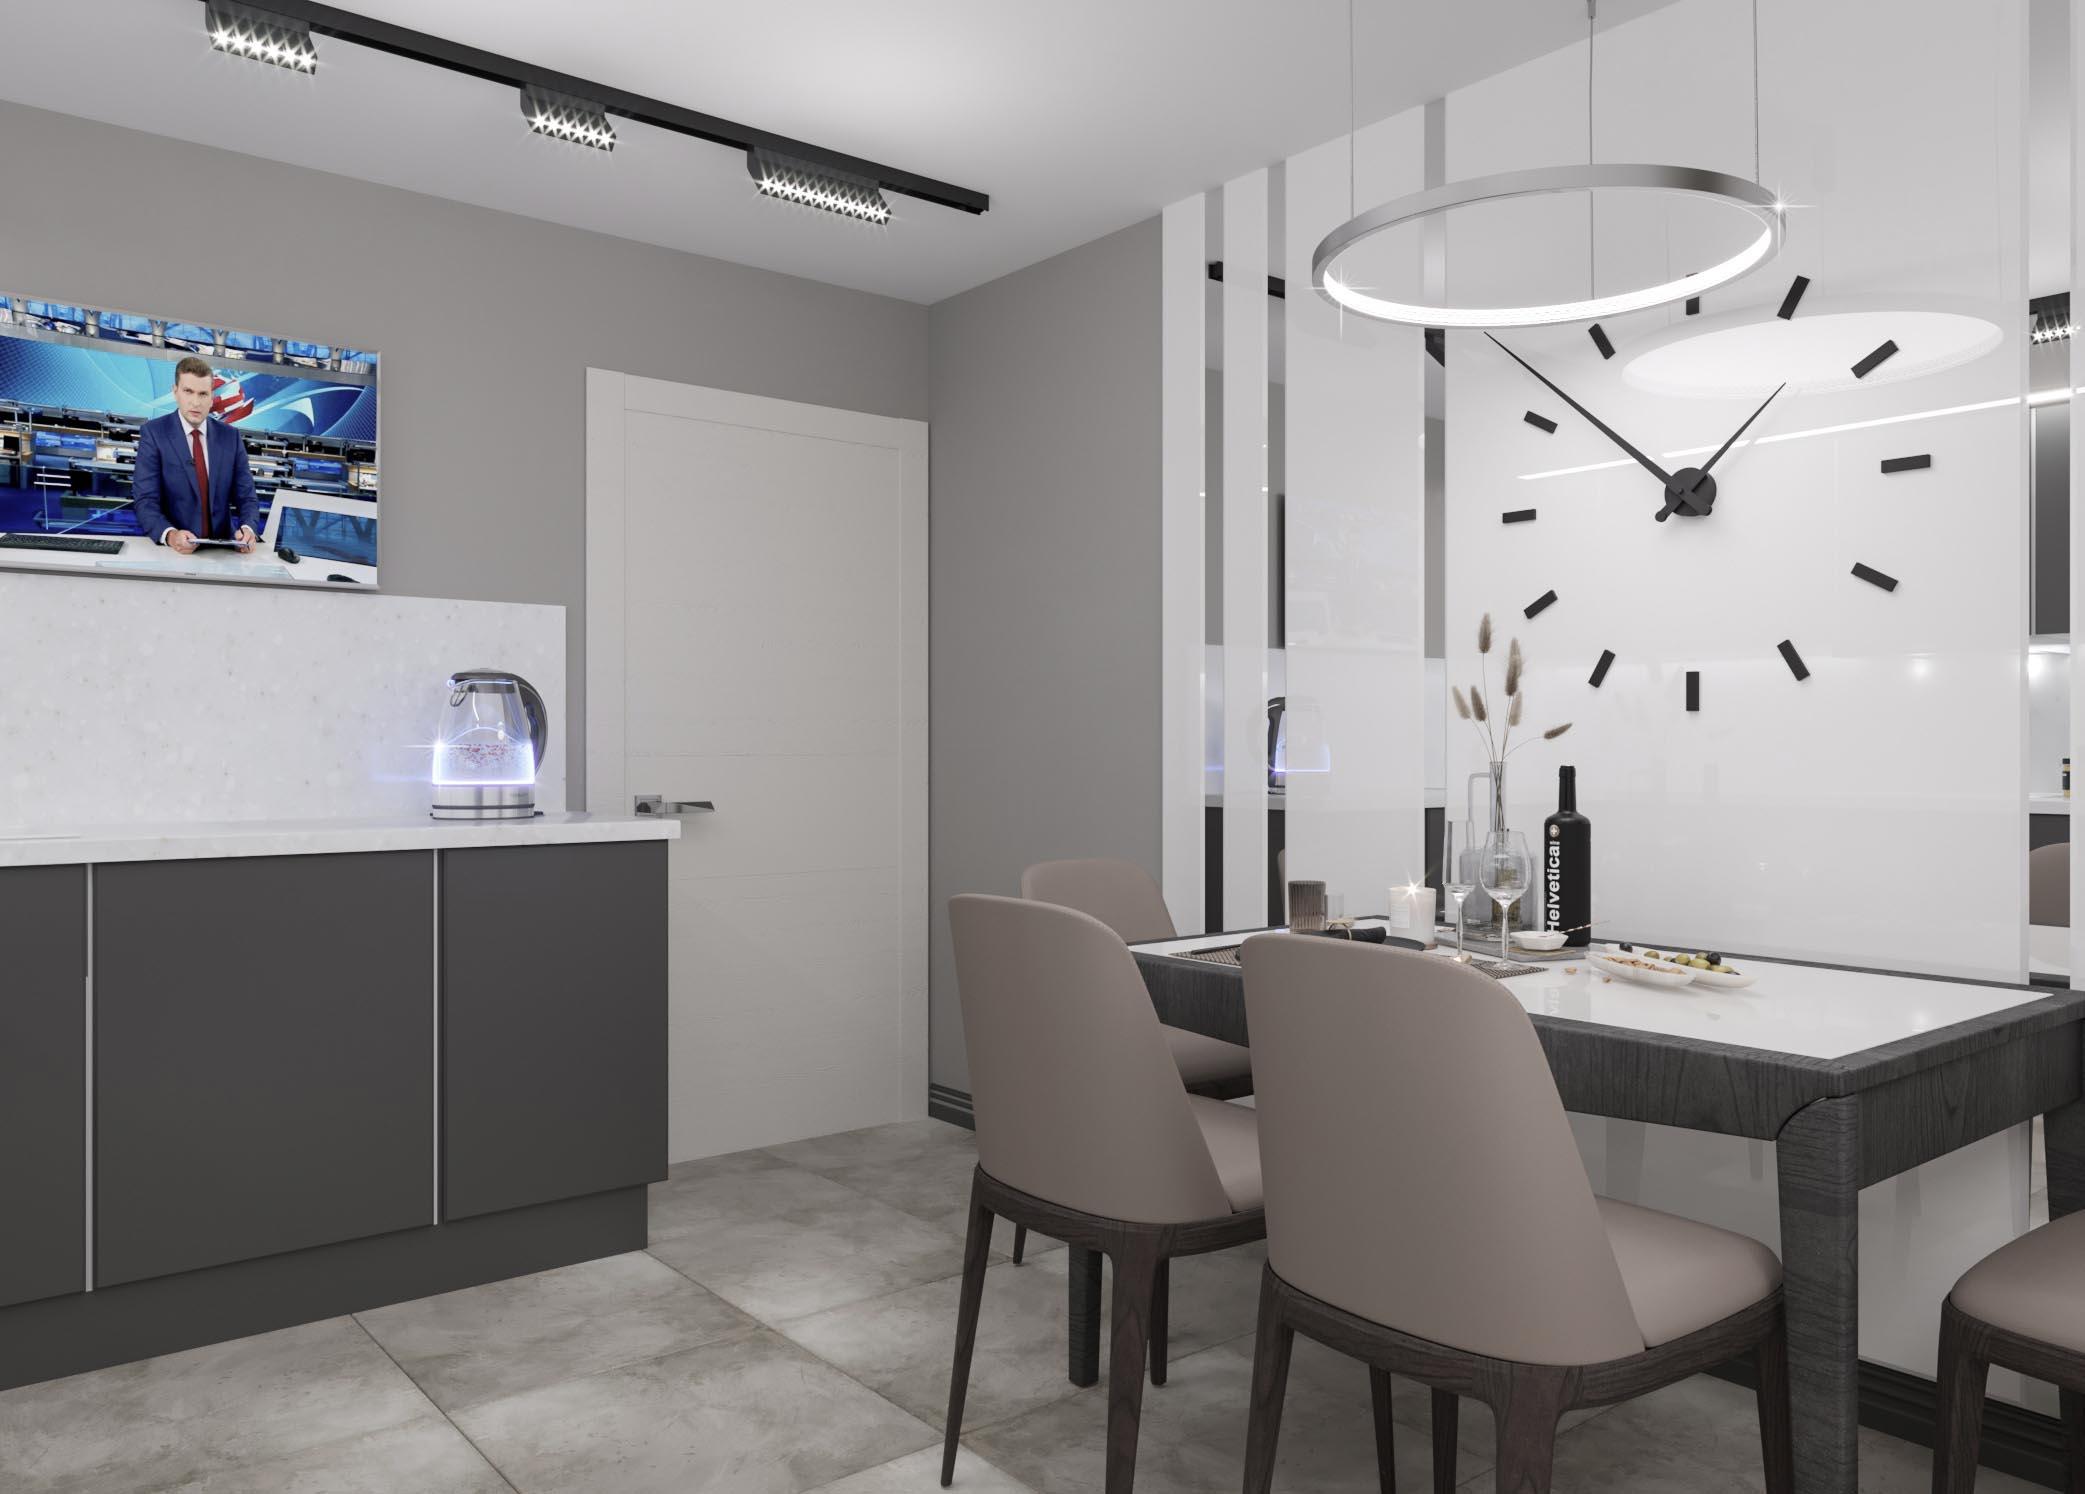 Ремонт квартир под ключ: как самостоятельно проверить качество строительных работ